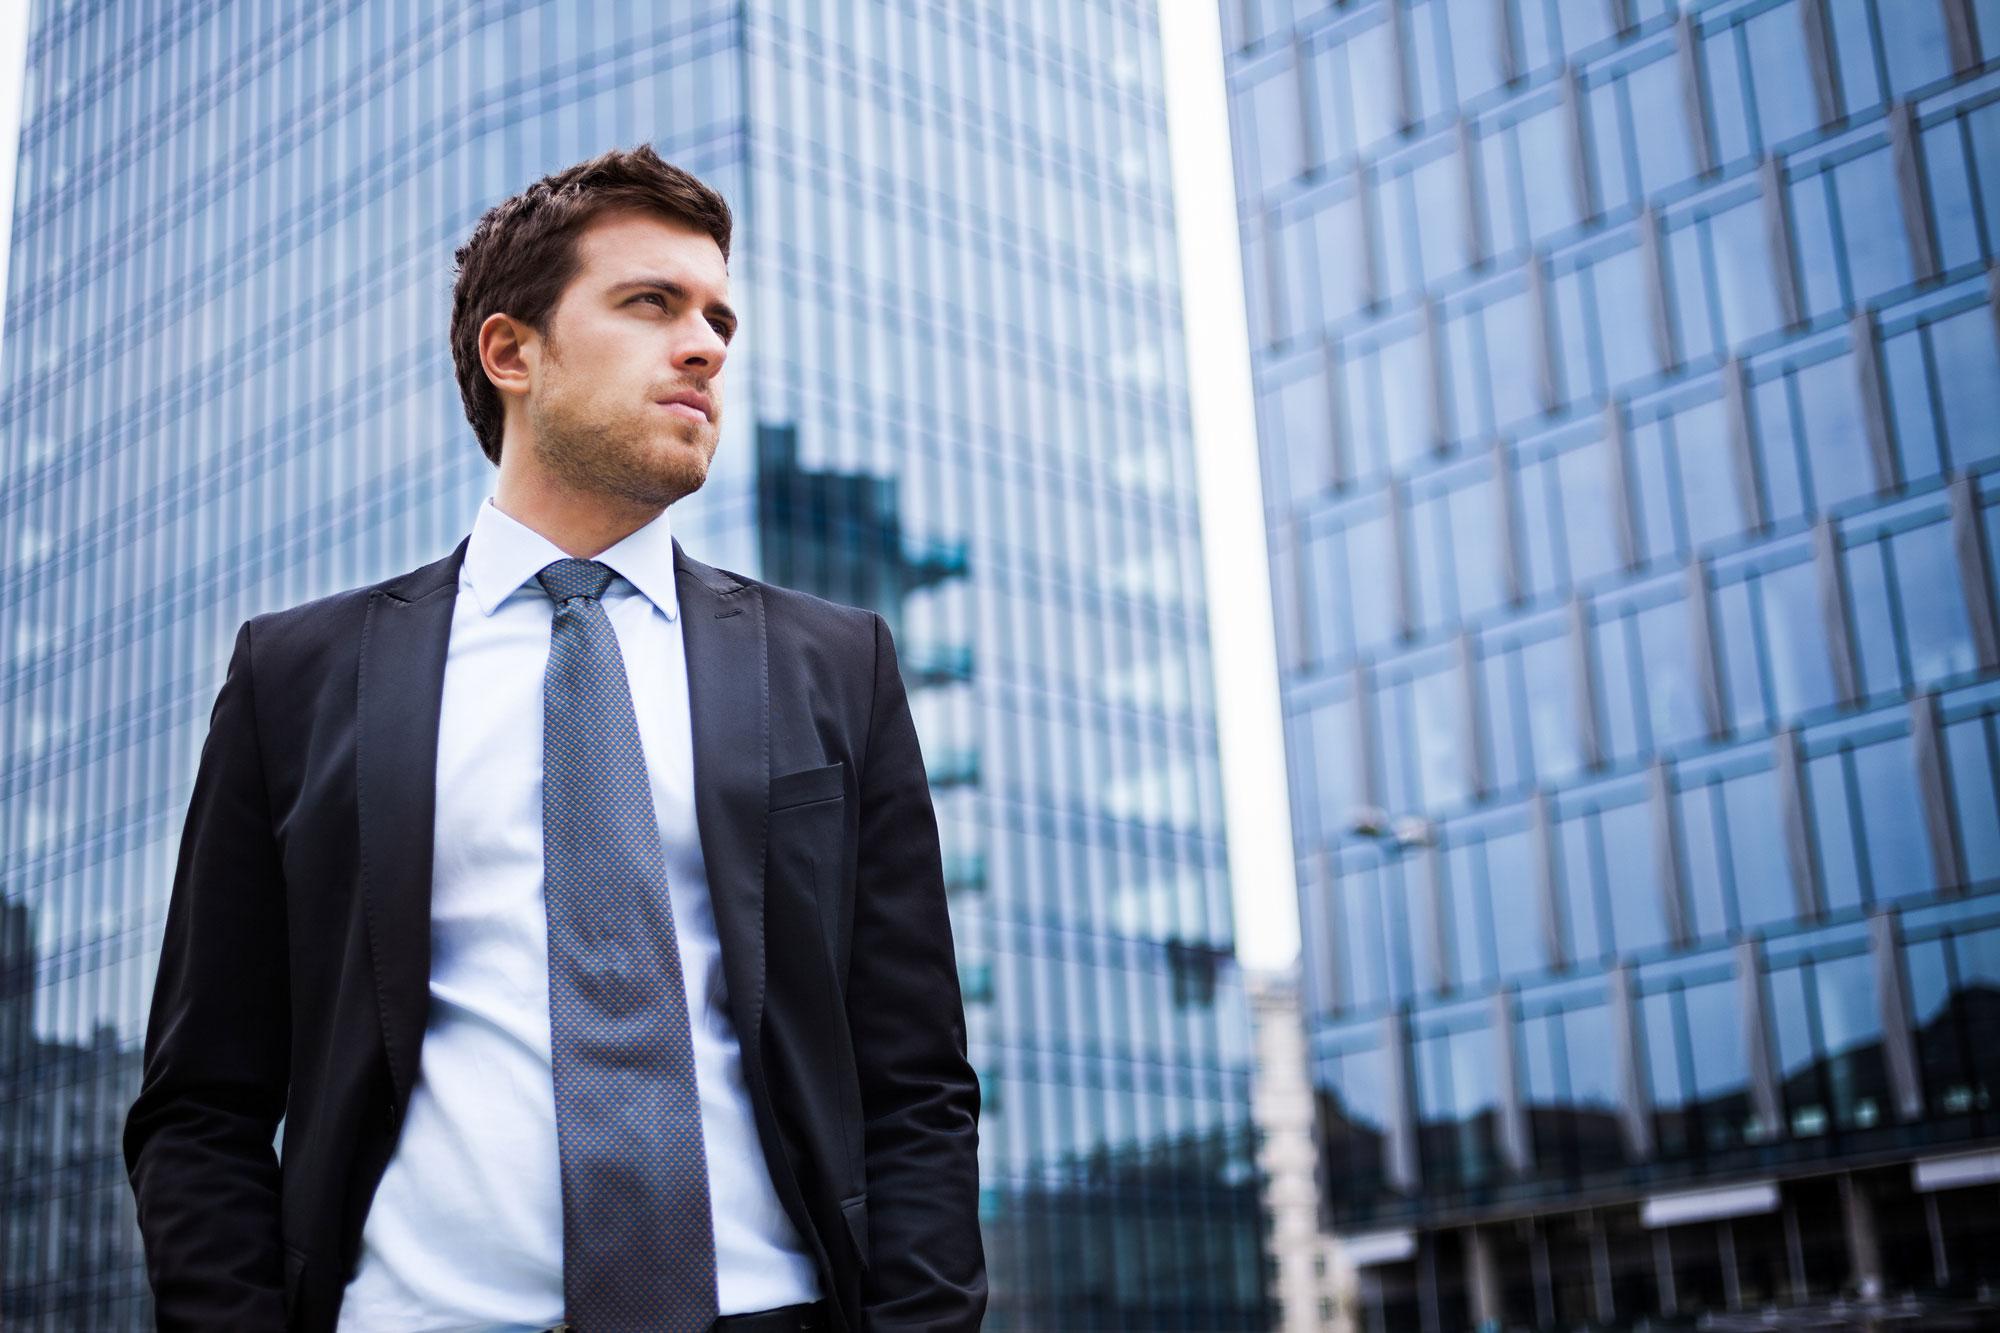 калмыков фотография делового мужчины обязательно